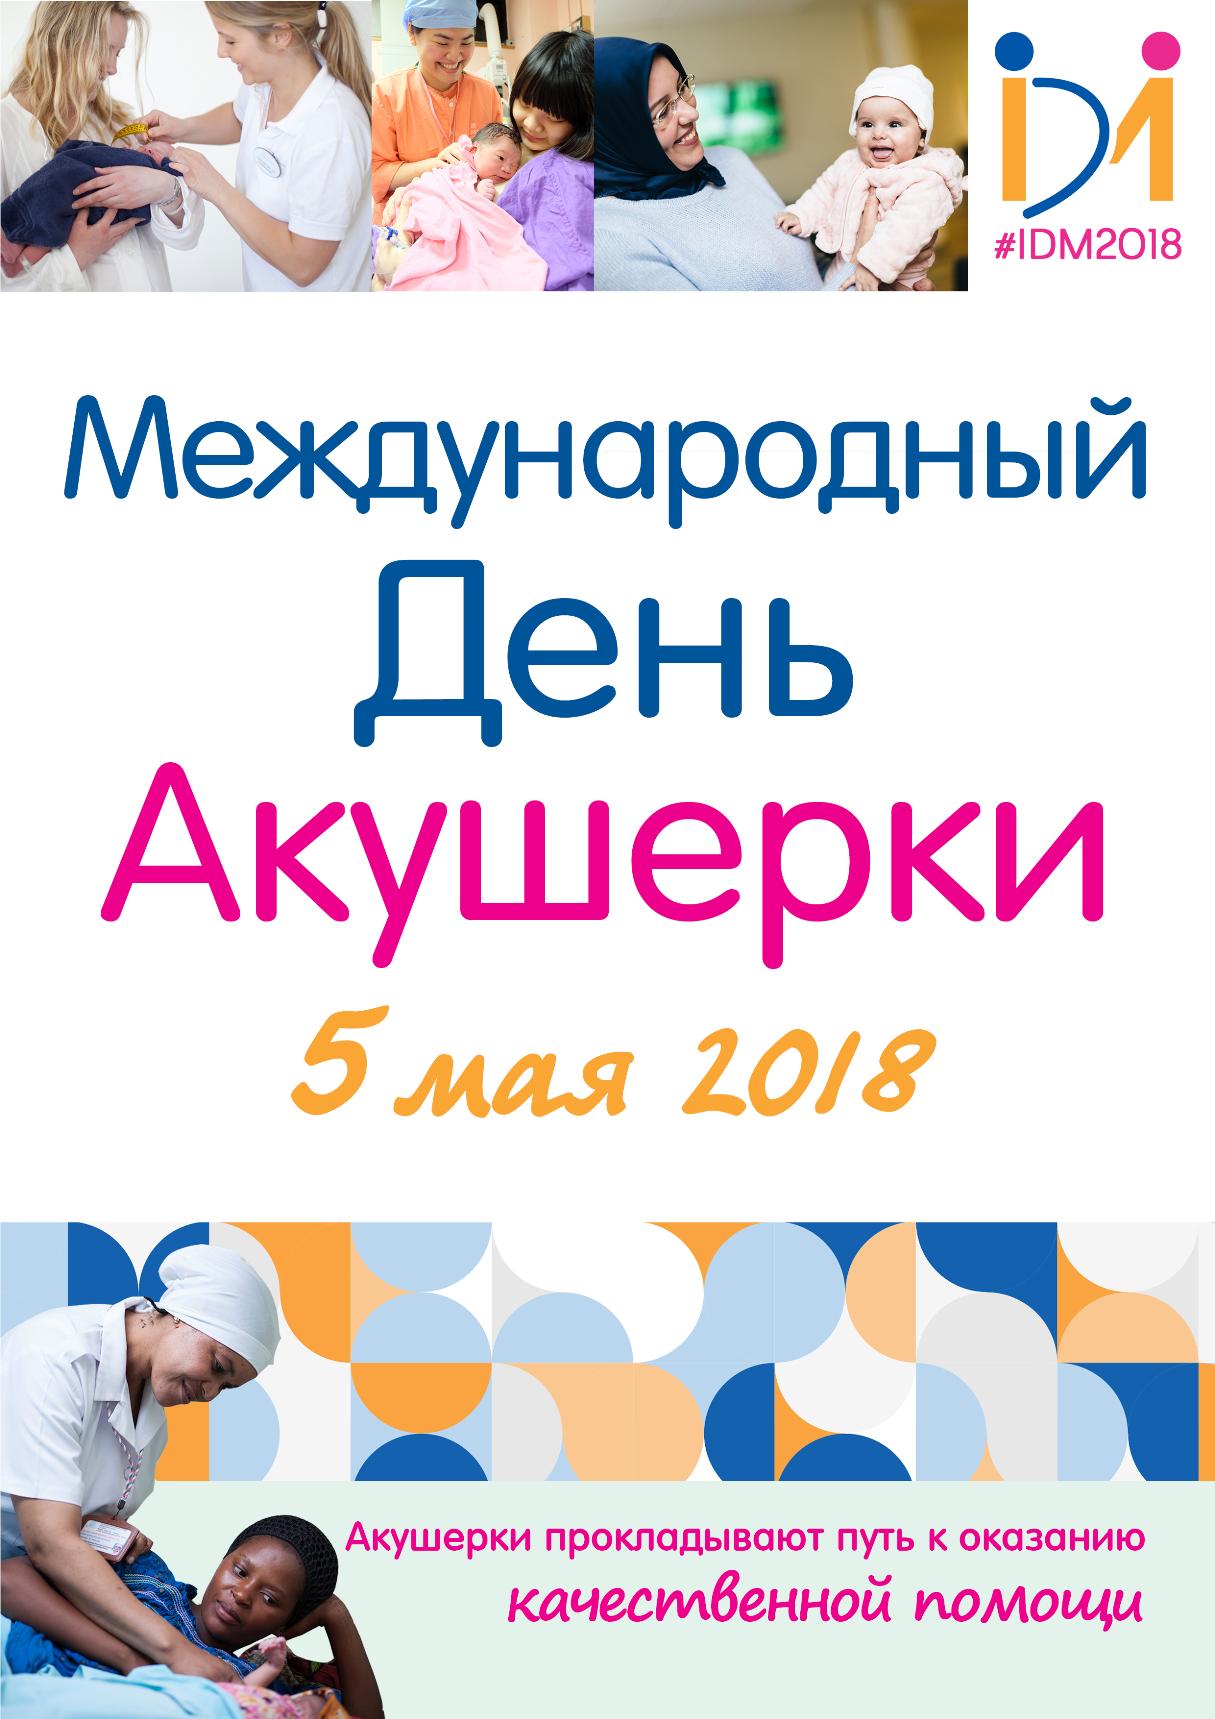 Международный день акушерки 2018